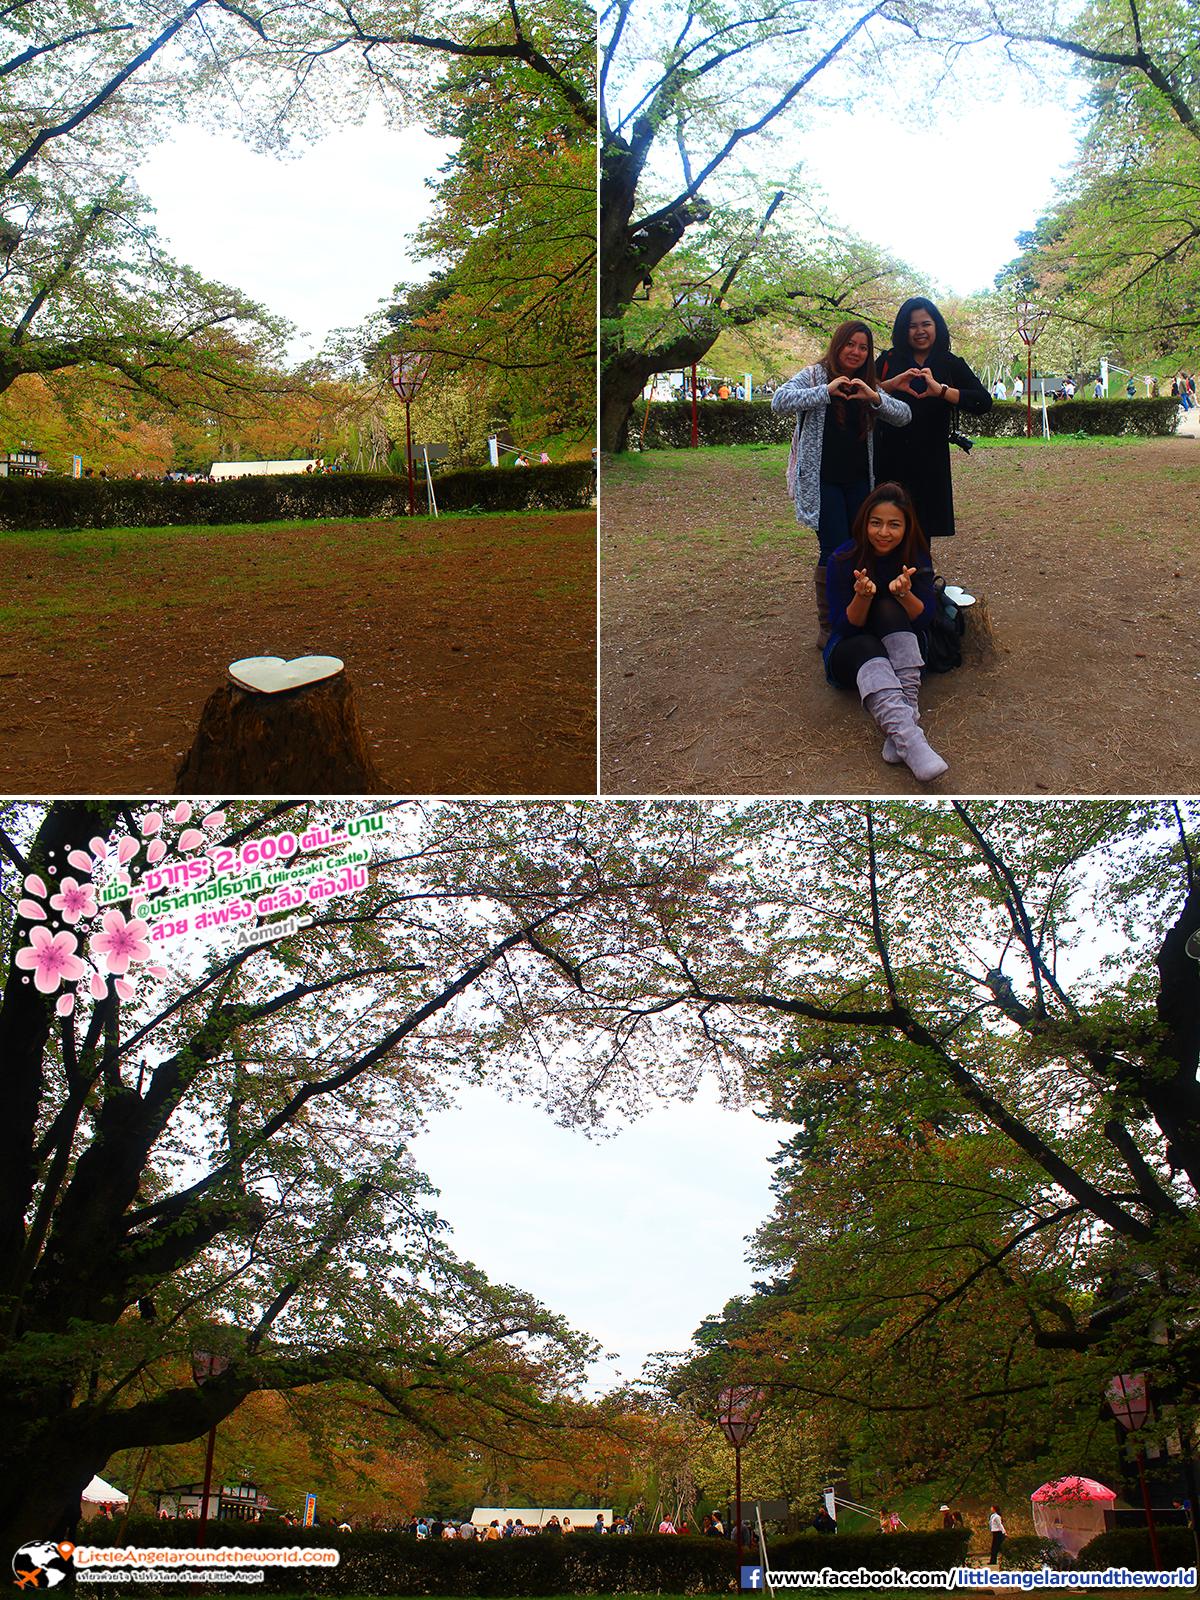 ต้นไม่รูปหัวใจ อีกหนึ่งไฮไลท์ของการมาเที่ยวที่สวนฮิโรซากิ : เที่ยวอาโอโมริ ซากุระกว่า 2,600 ต้น ที่ปราสาทฮิโรซากิ (Hirosaki Castle)